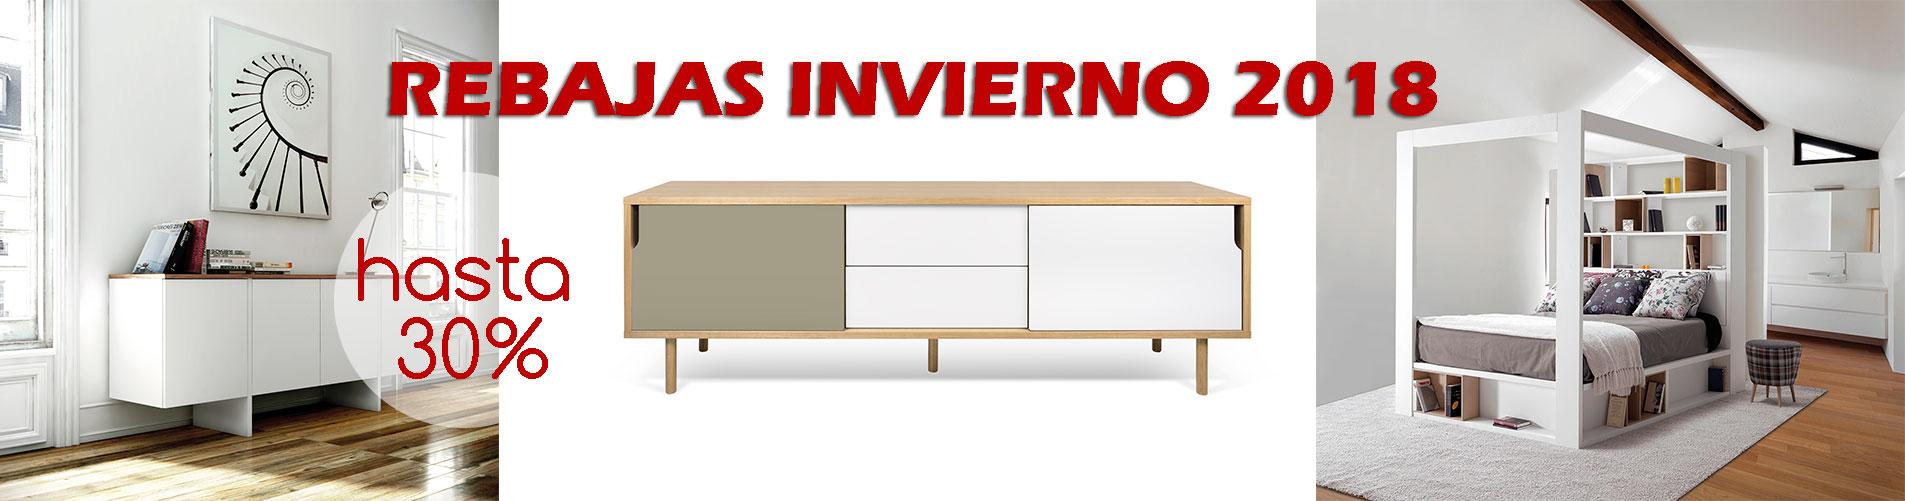 Tu tienda de muebles online y decoraci n deccoshop for Muebles online rebajas